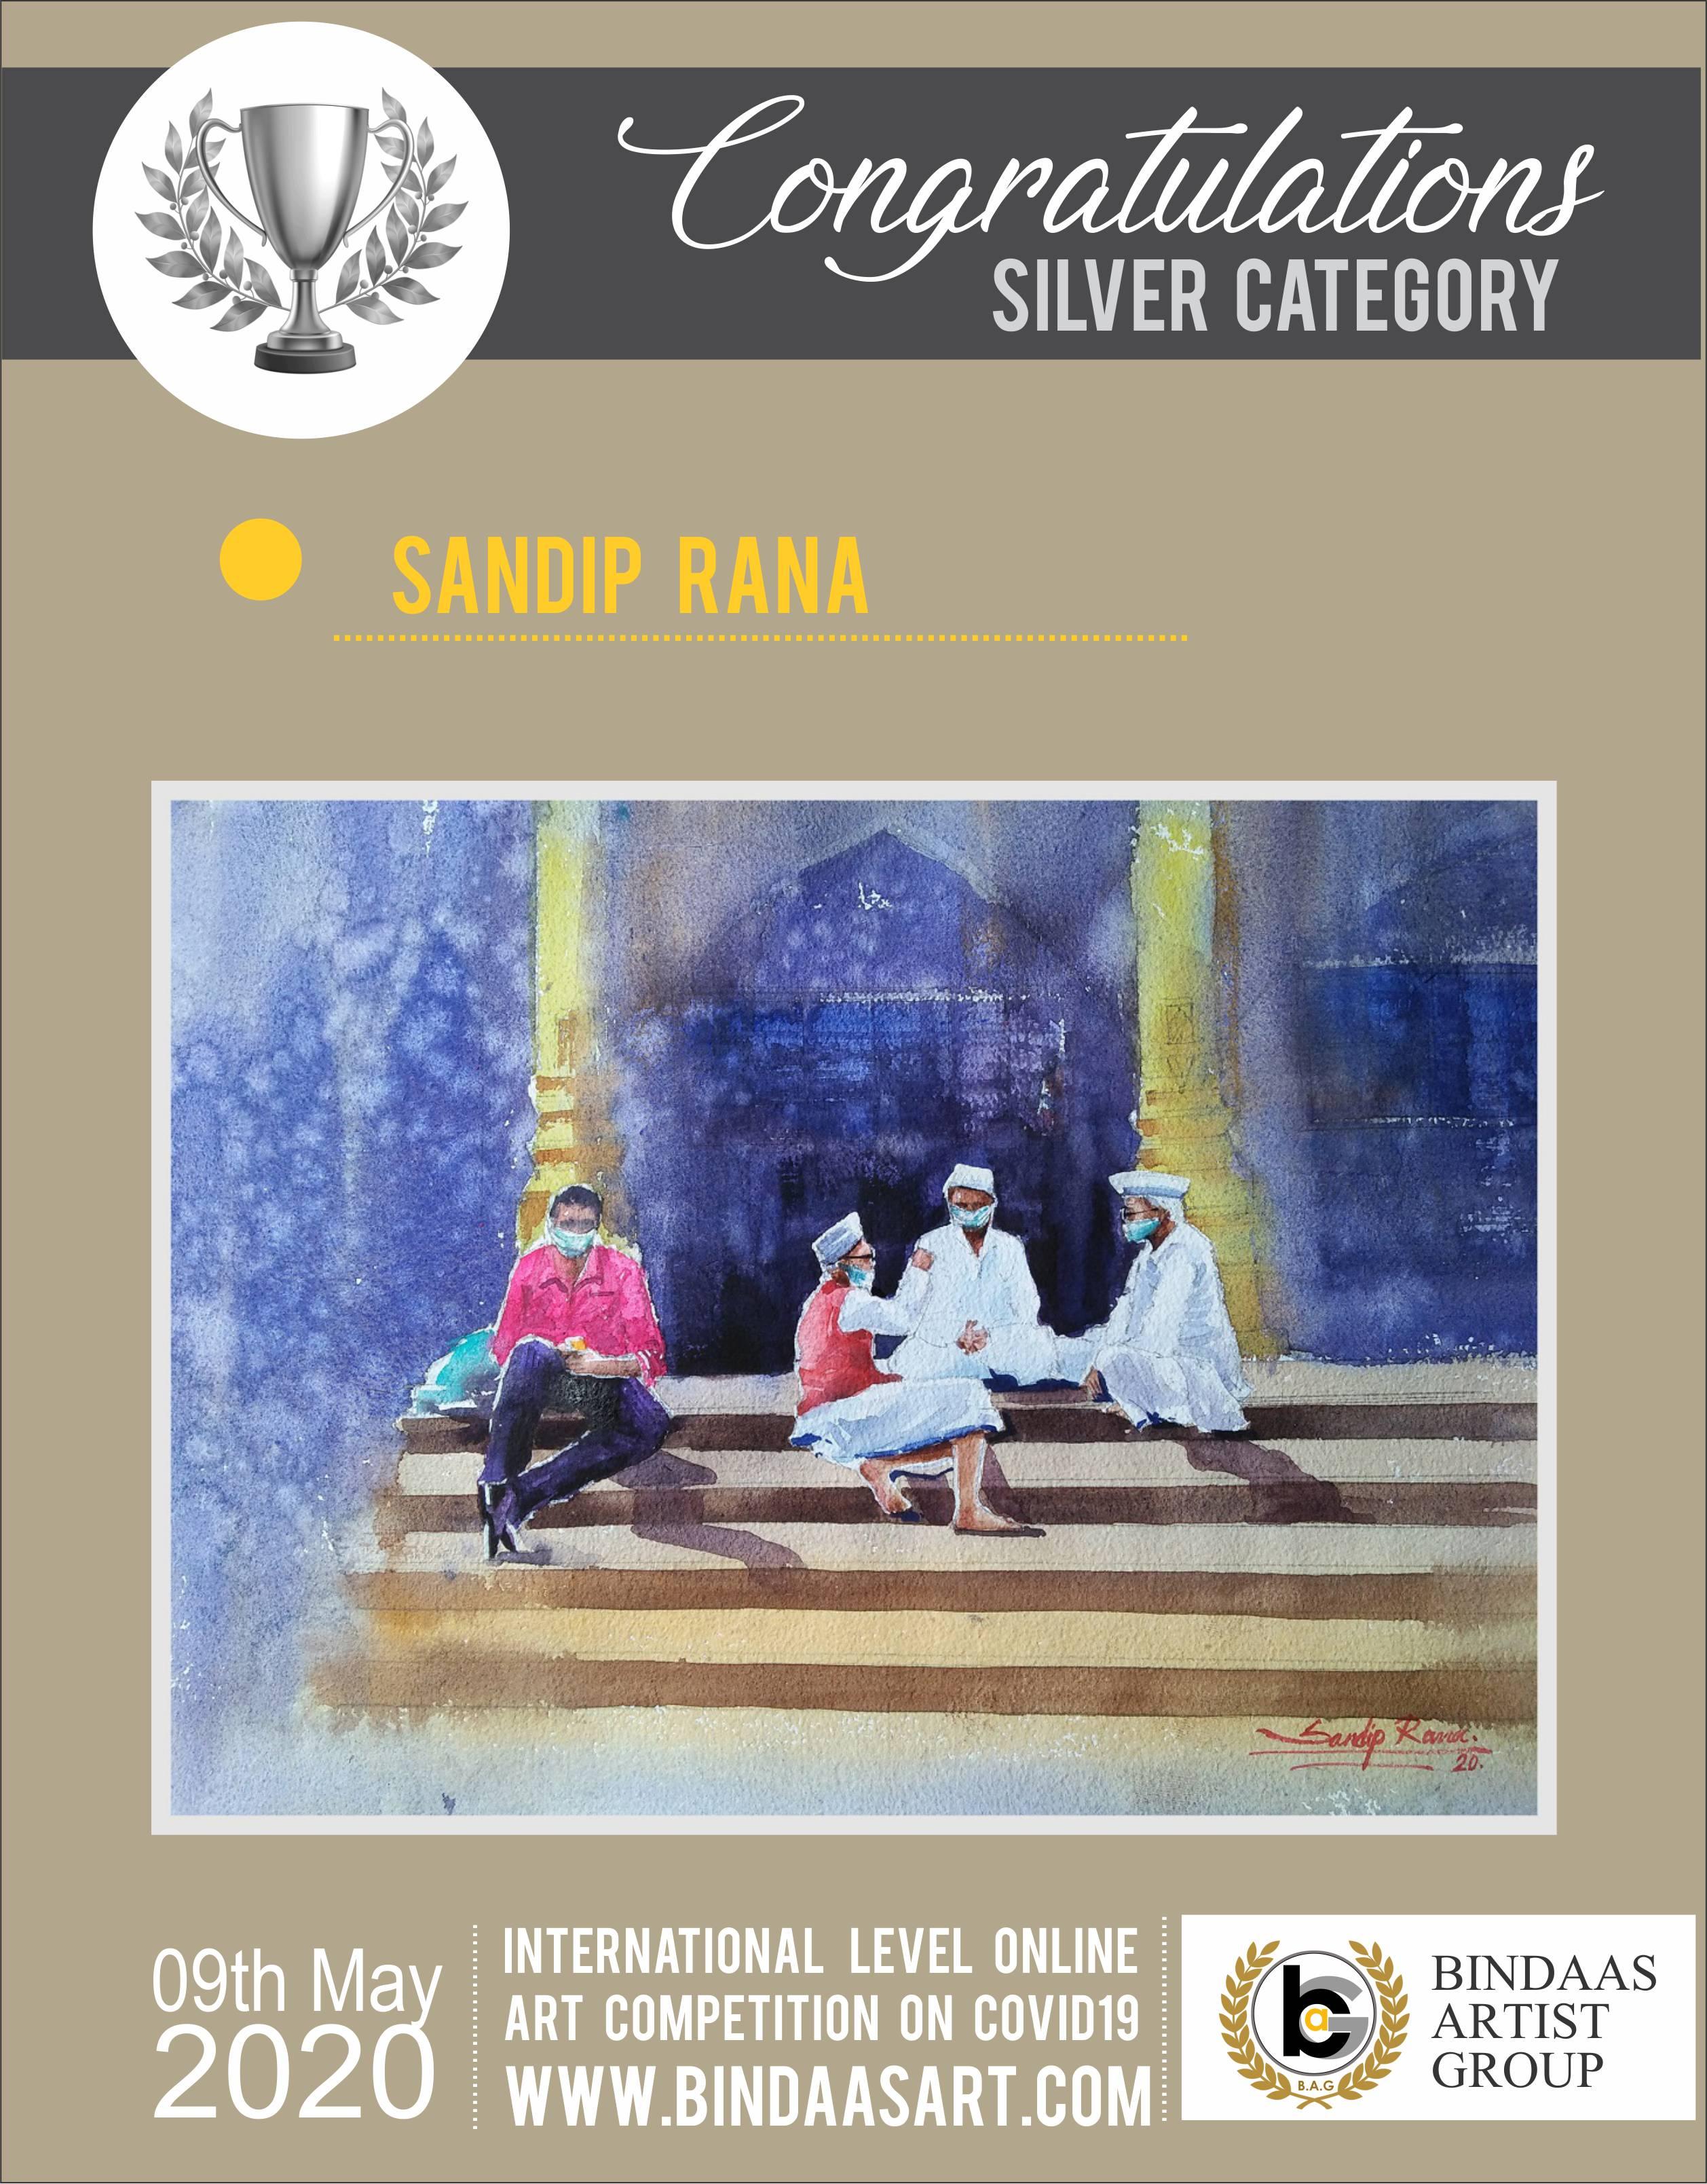 Sandip Rana